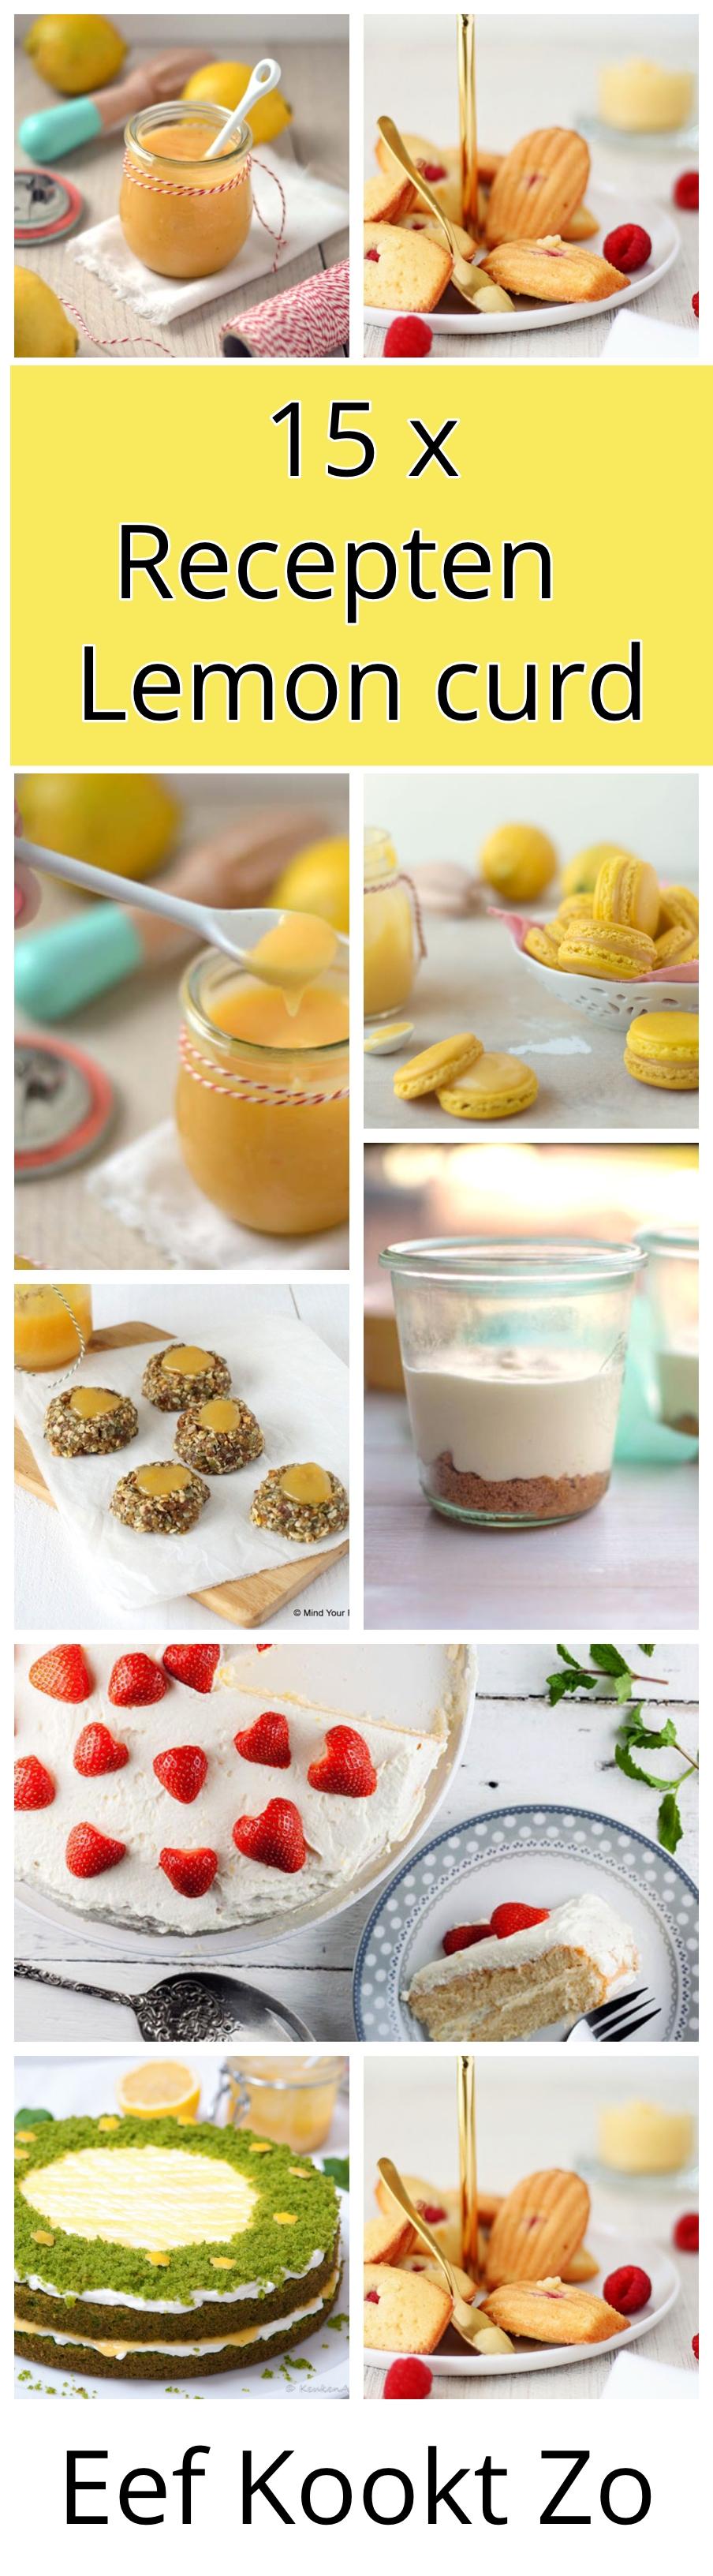 15 x recepten met Lemon Curd op een rij